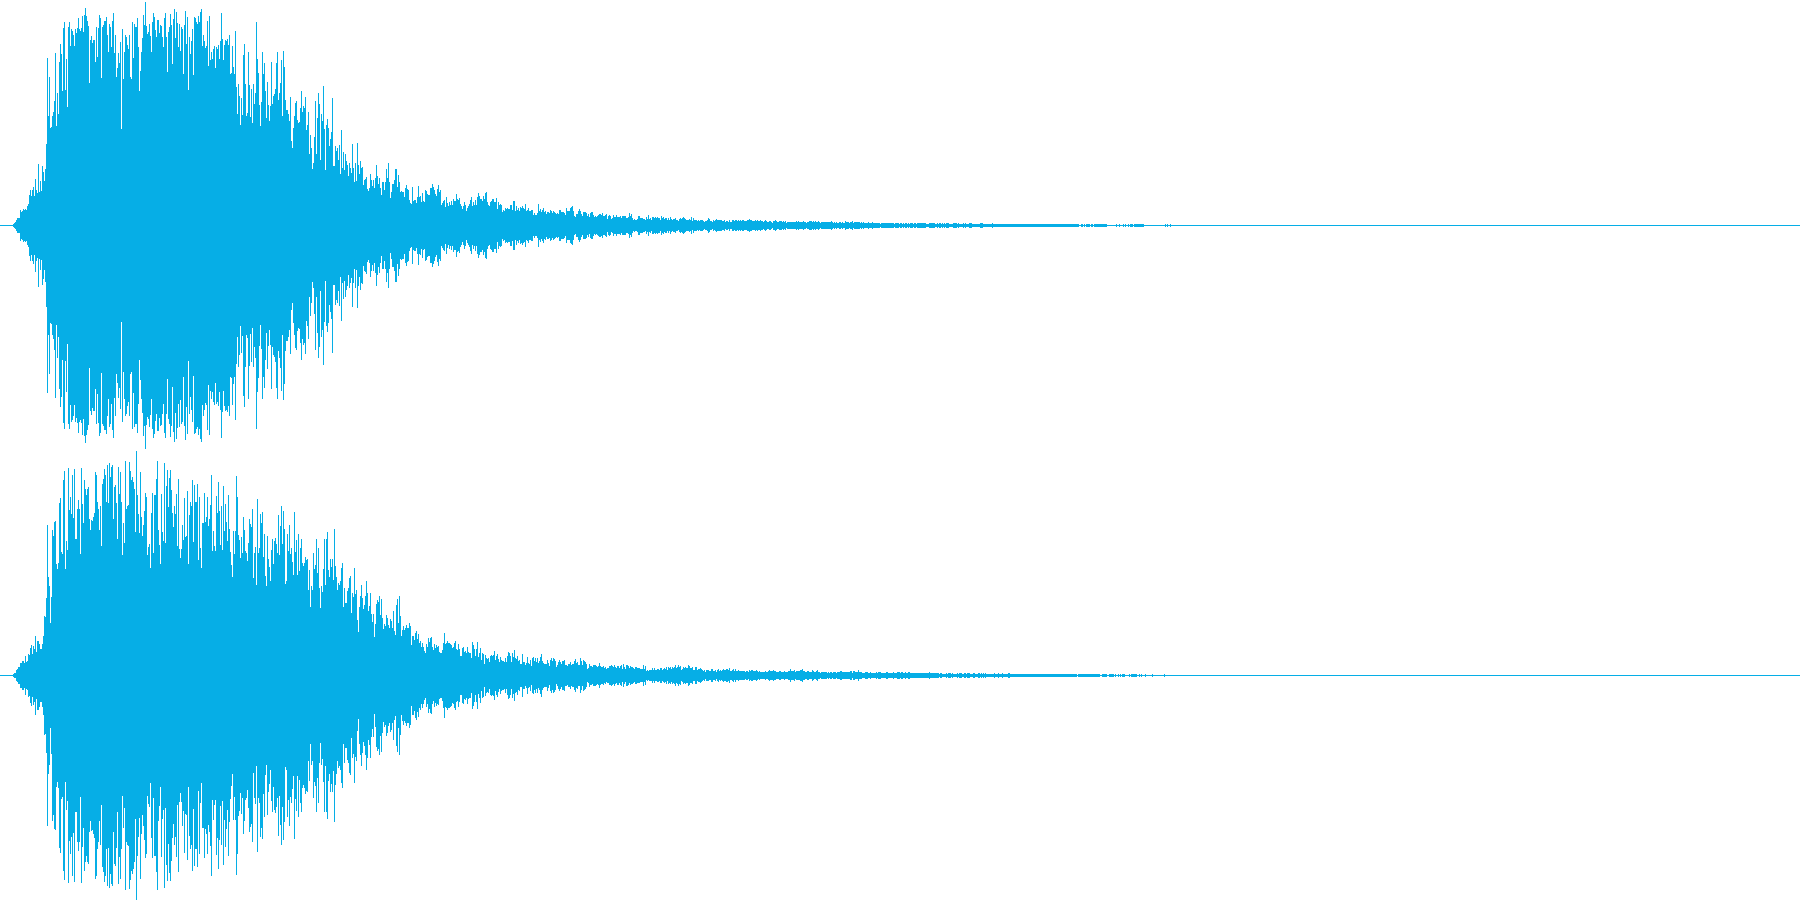 シャキーン(刀や剣のインパクト効果音)3の再生済みの波形